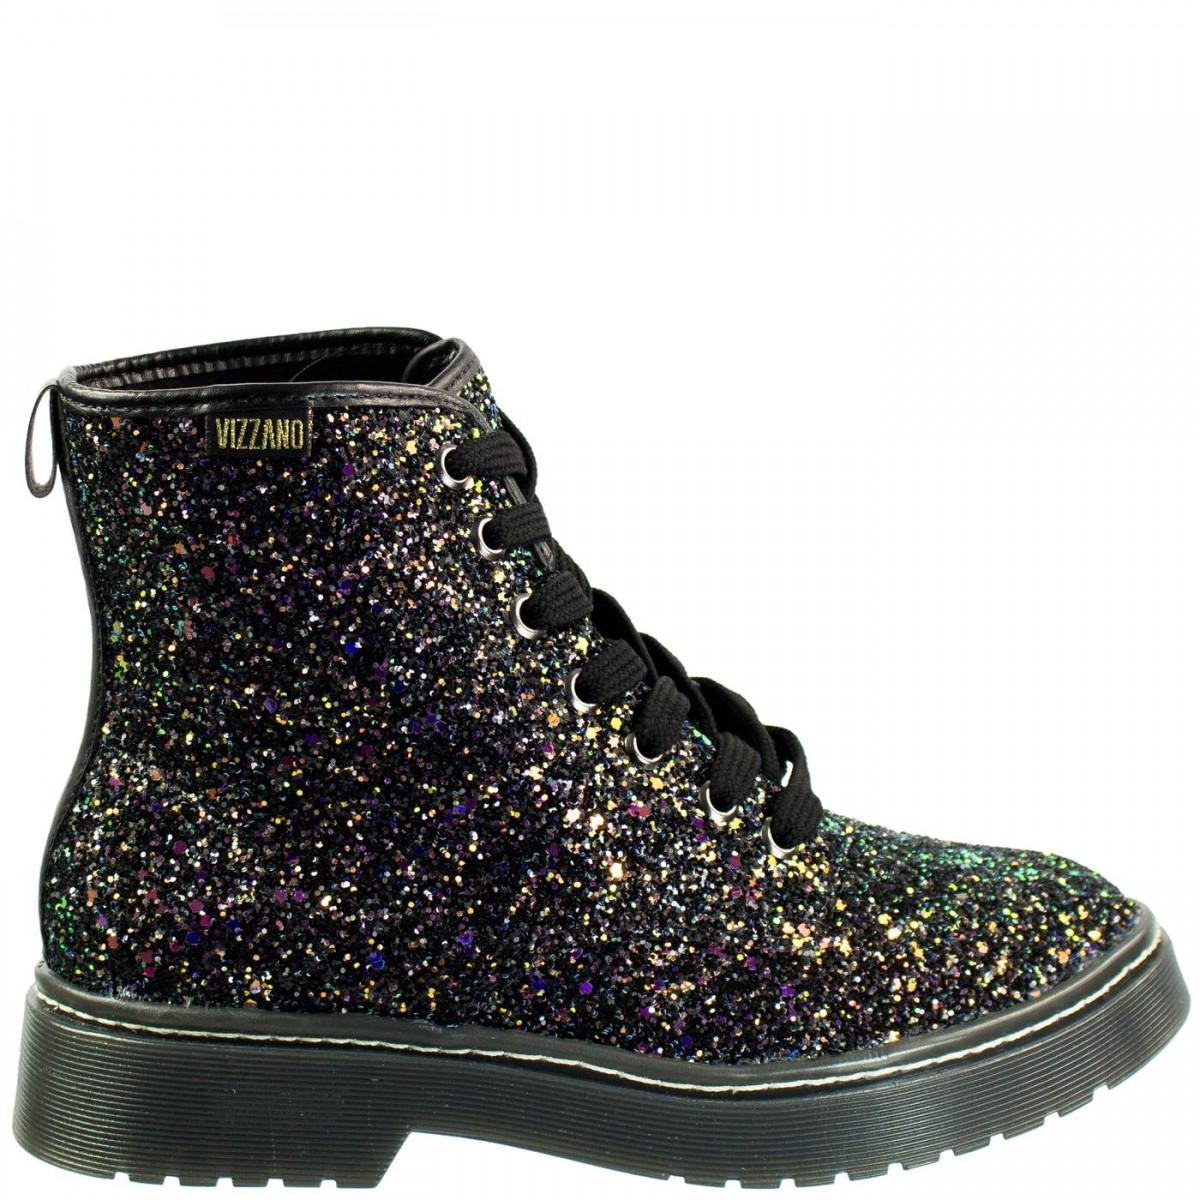 54406367bb Bizz Store - Coturno Feminino Vizzano Maxi Glitter Cano Curto